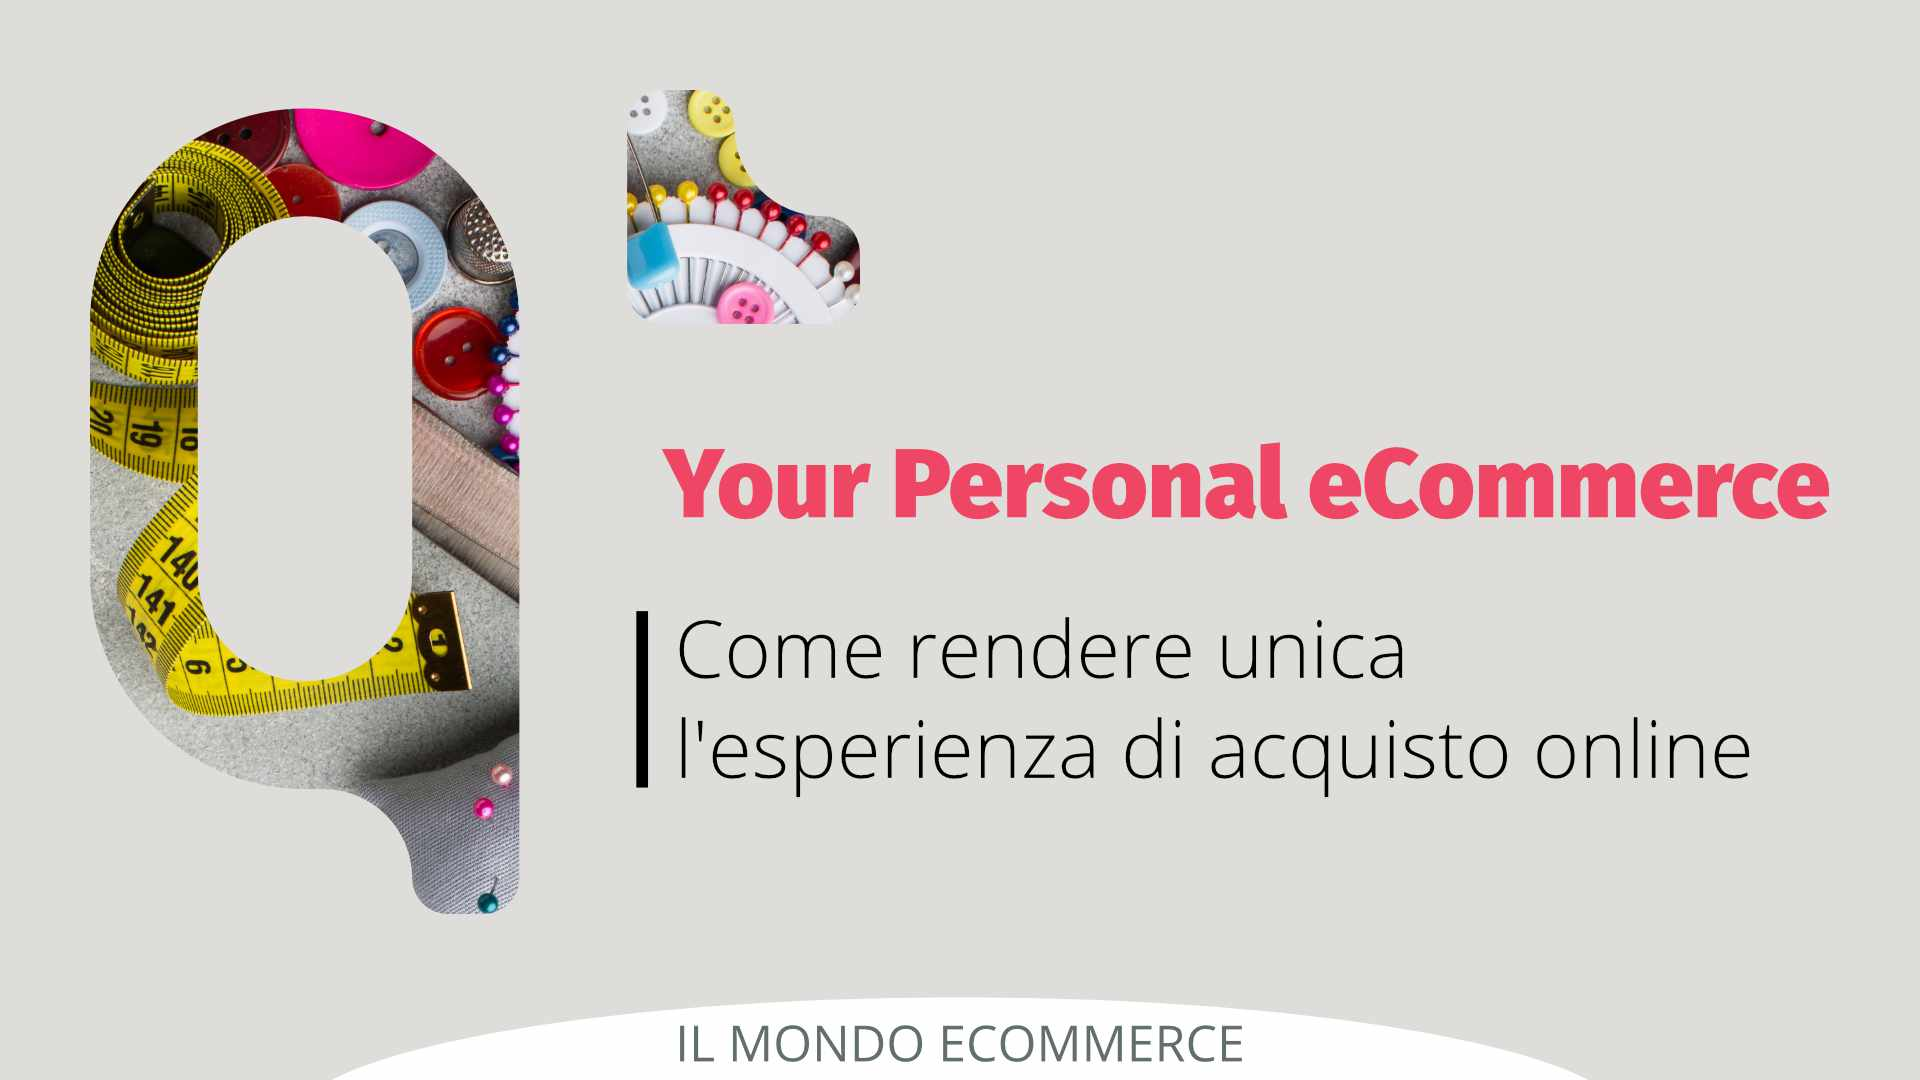 Your Personal eCommerce: come rendere unica l'esperienza d'acquisto online